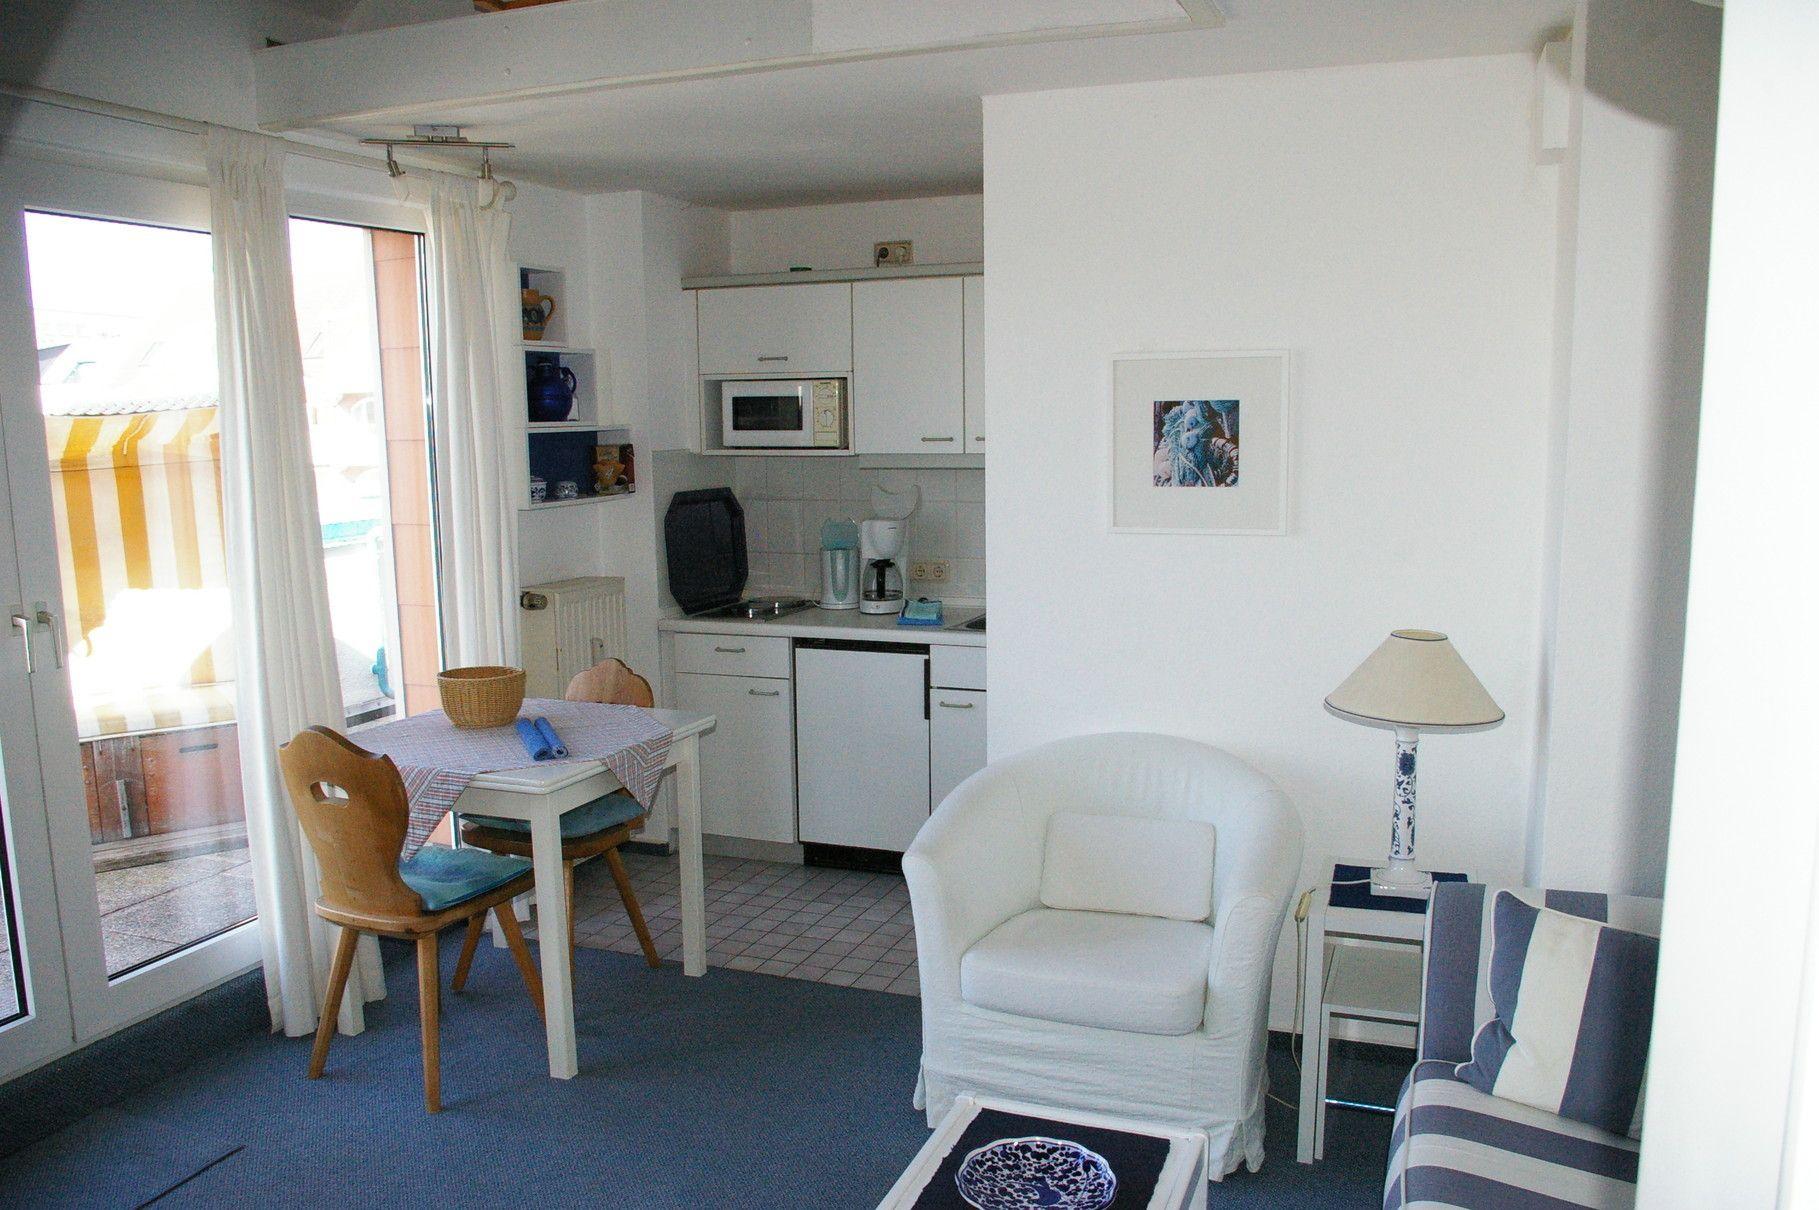 Ferienwohnung Meisennest in Cuxhaven Döse